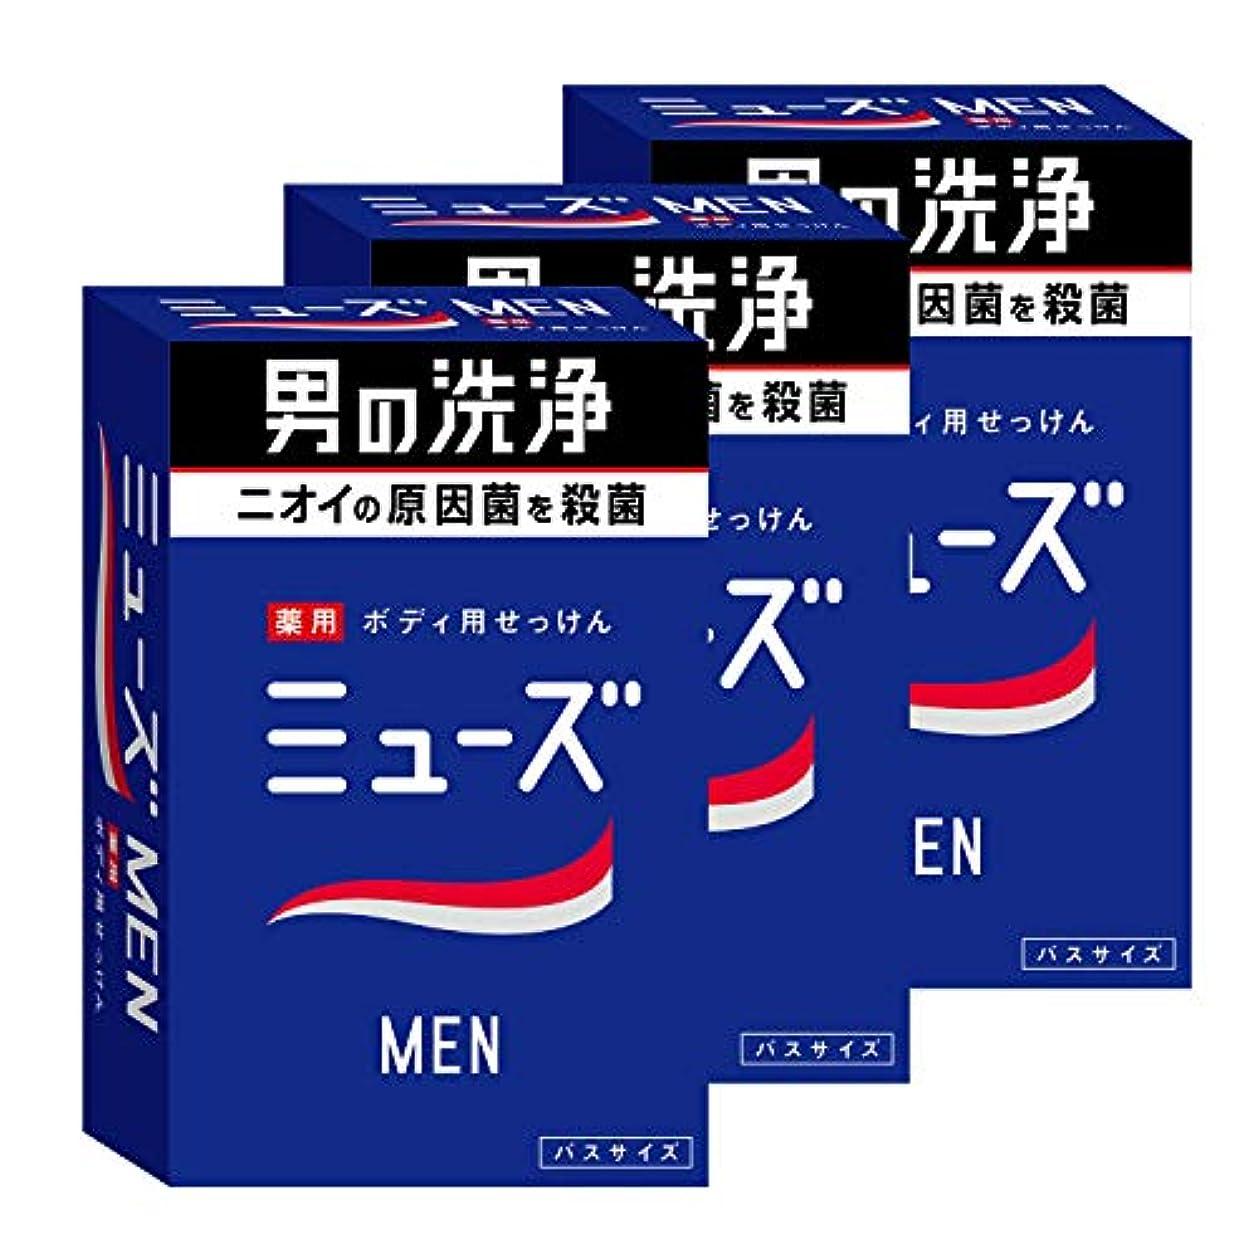 建築一致助けになる【医薬部外品】ミューズメン ボディ用 石鹸 135g ×3個 消臭